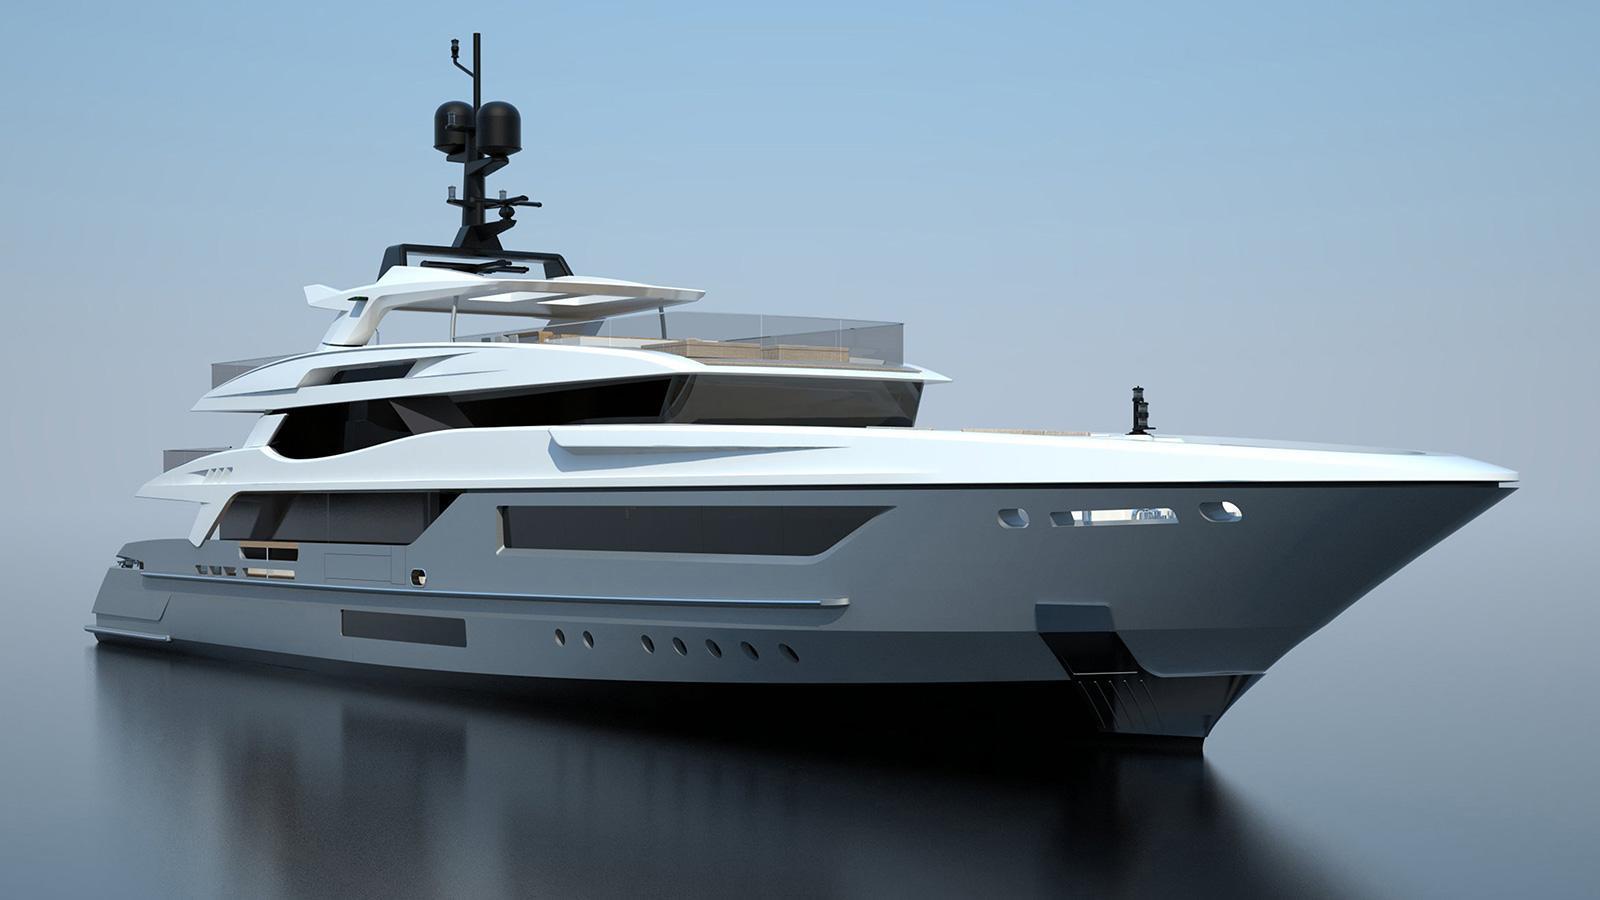 10225-moto-yacht-baglietto-2017-55m-rendering-profile